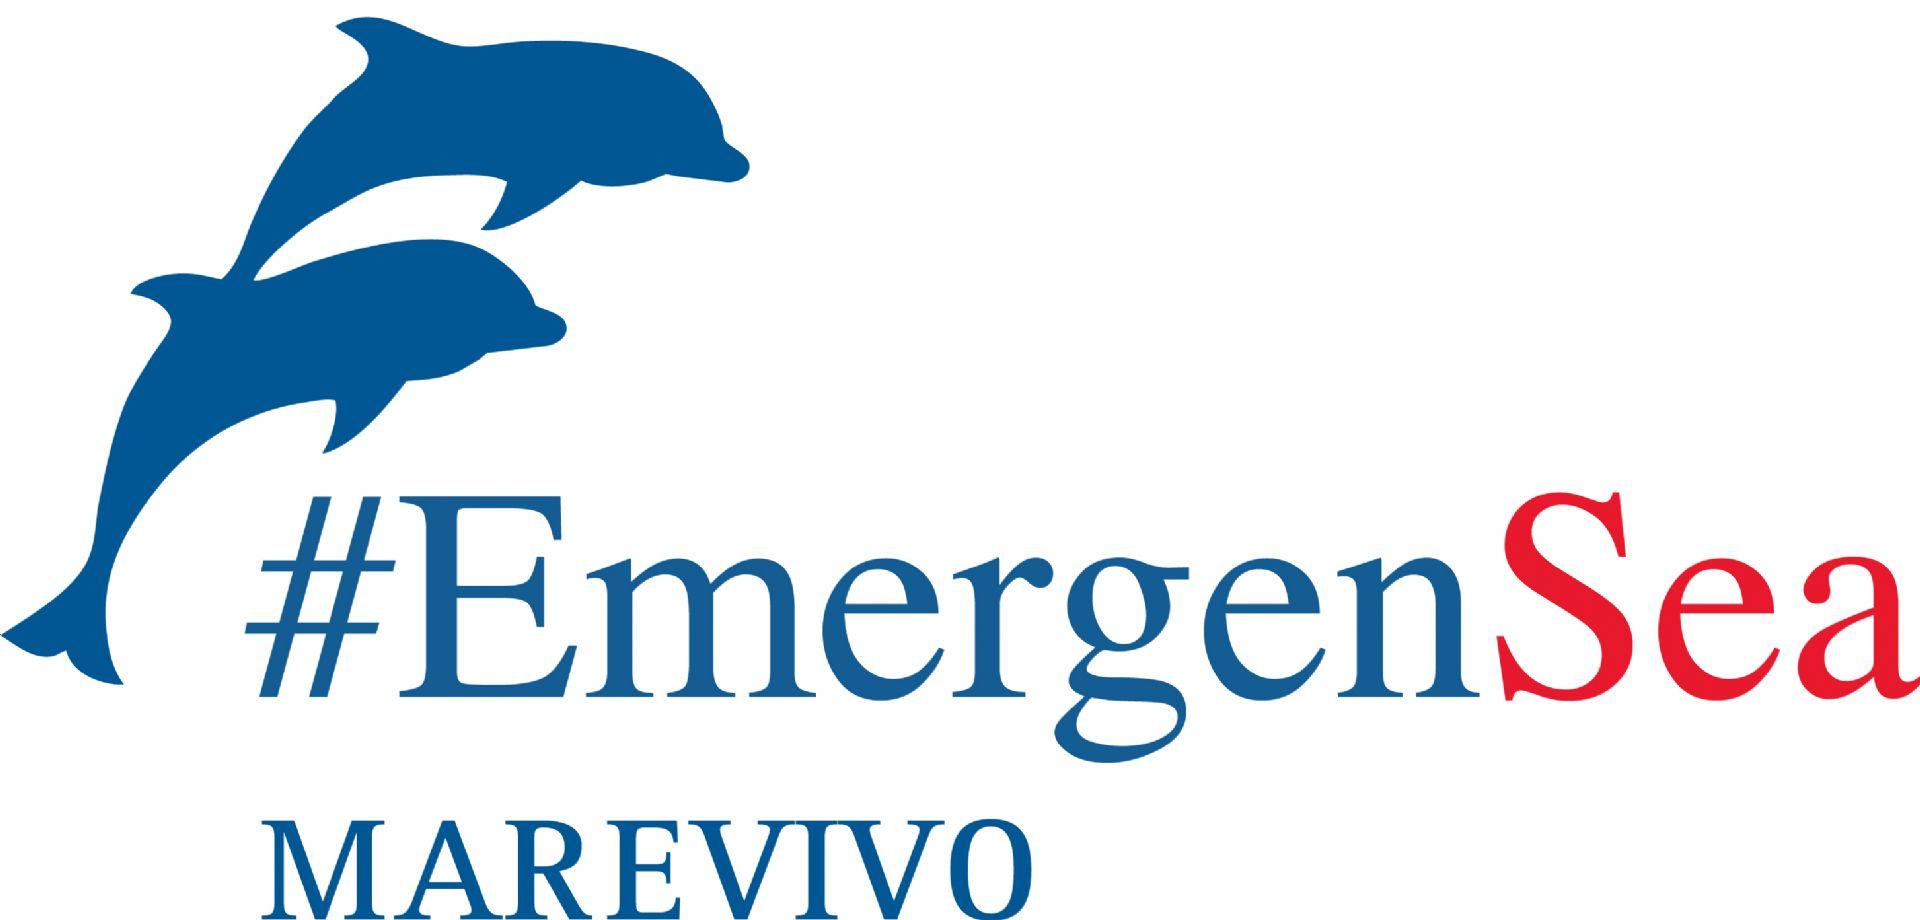 Conferenza per la salvaguardia del mare #EmergenSea -incontro con De Magistris